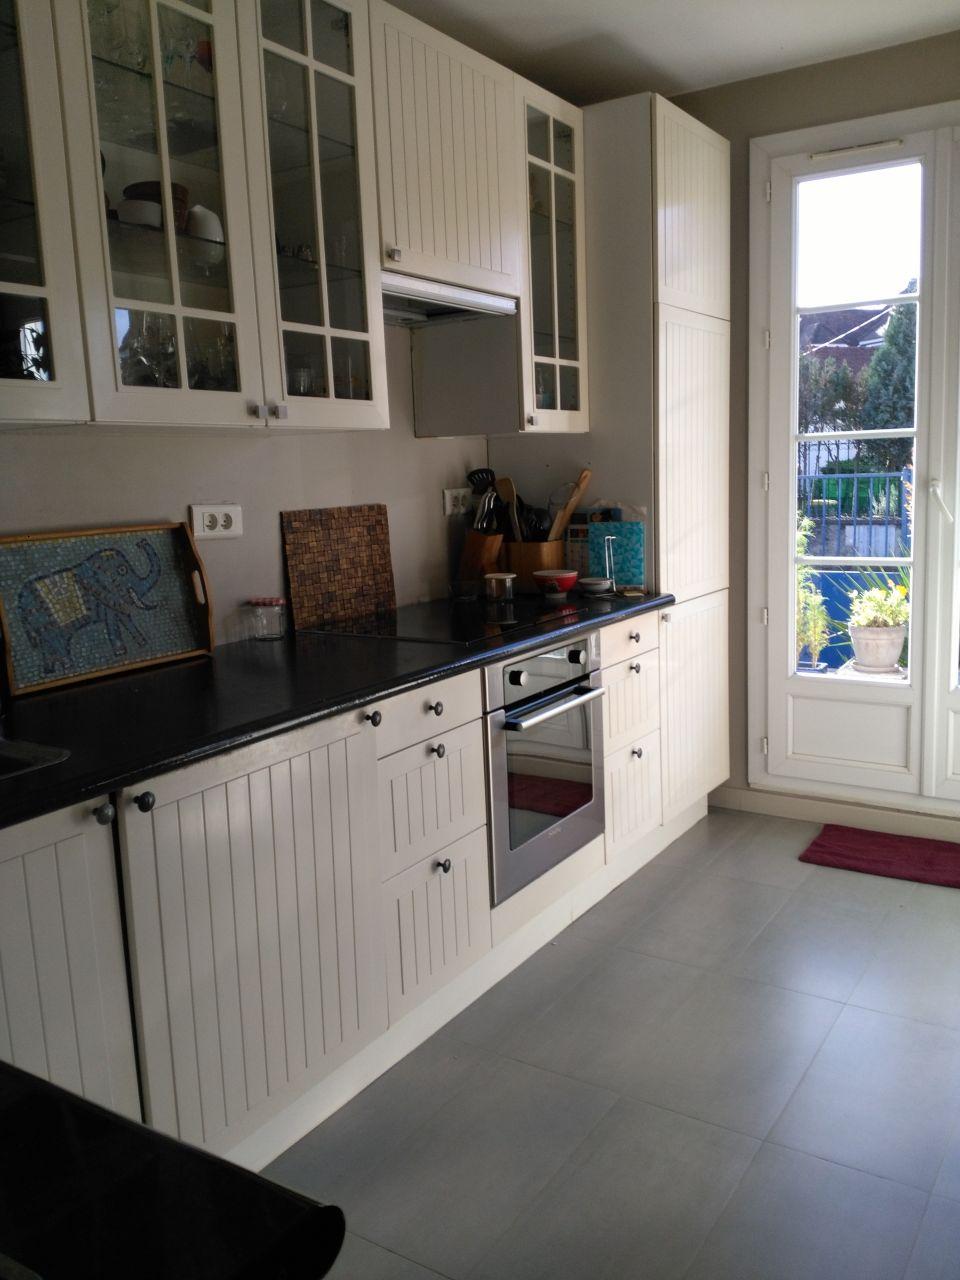 Meuble Cuisine Ikea Vide Sanitaire rénovation cuisine- besoin de vos avis et lumières - 40 messages